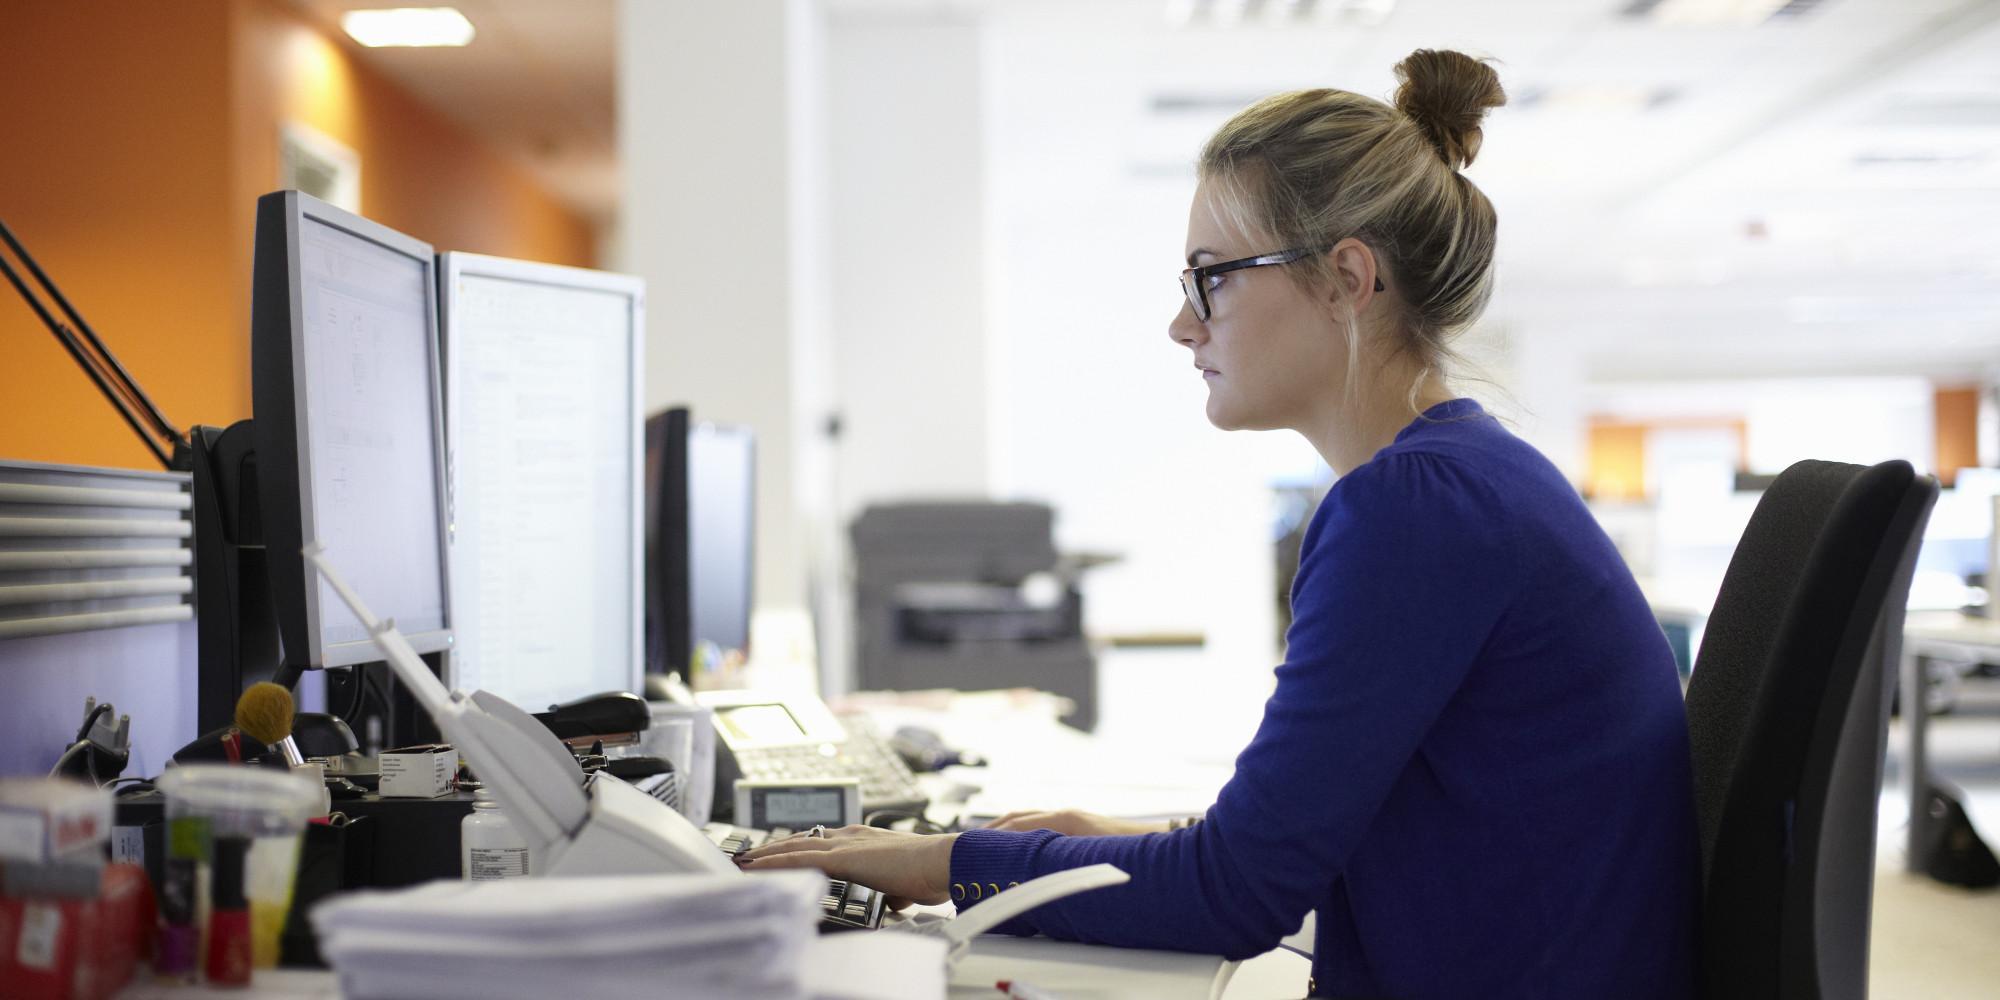 Женщины программируют лучше мужчин до тех пор, пока никто не знает, что они женщины